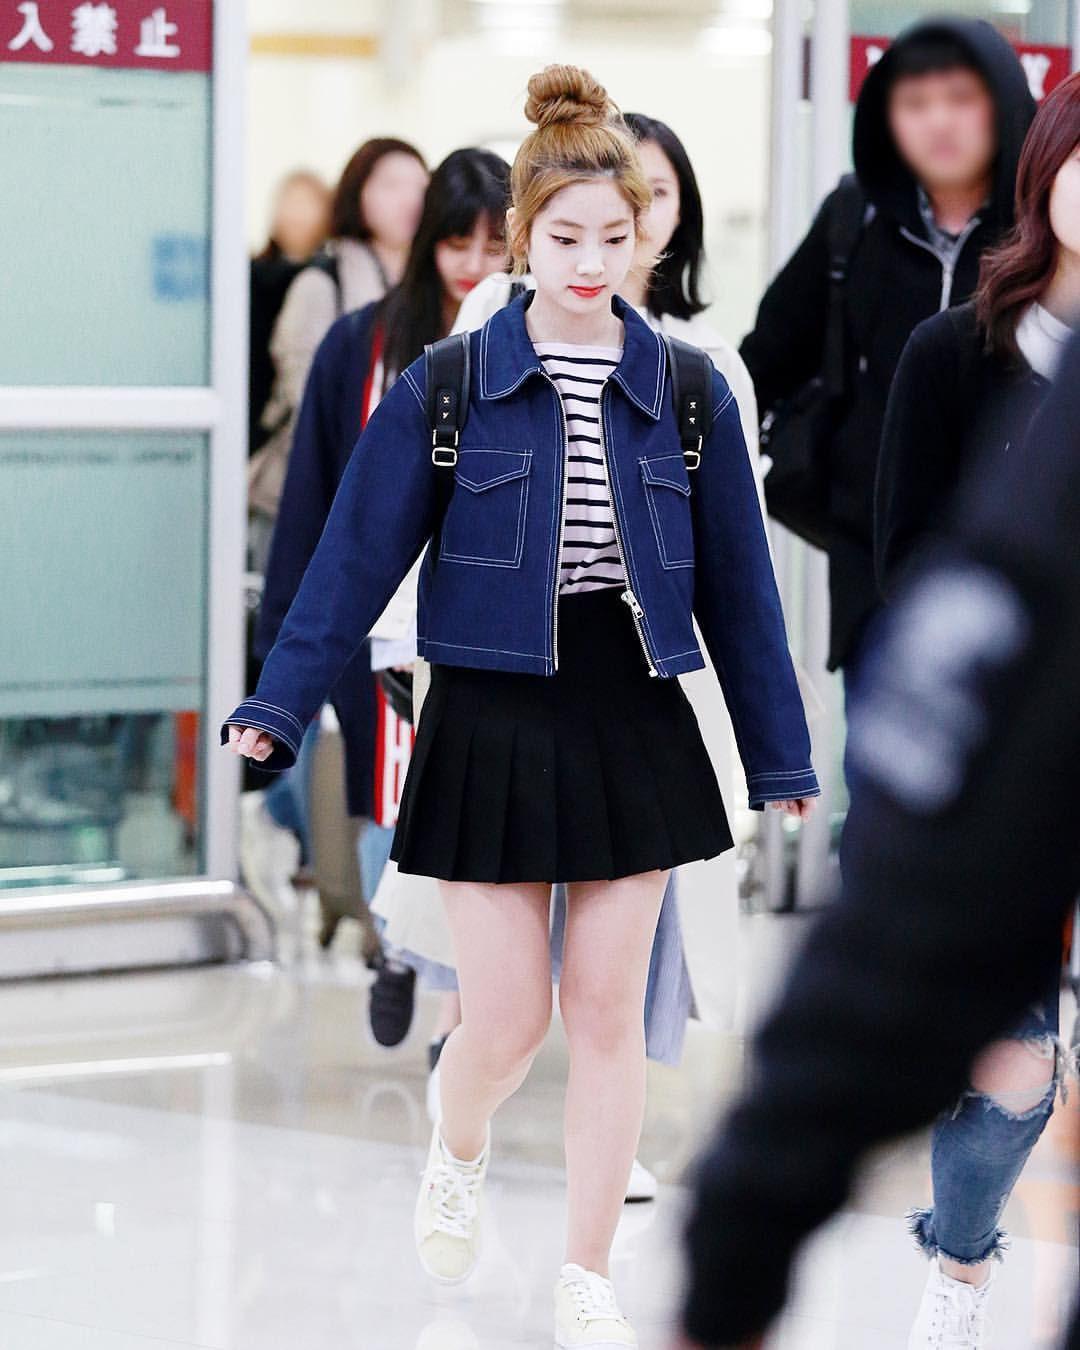 Cao ba mét bẻ đôi nhưng idol Kpop lúc nào cũng mặc đẹp vì thủ sẵn những bí kíp sau - Ảnh 1.